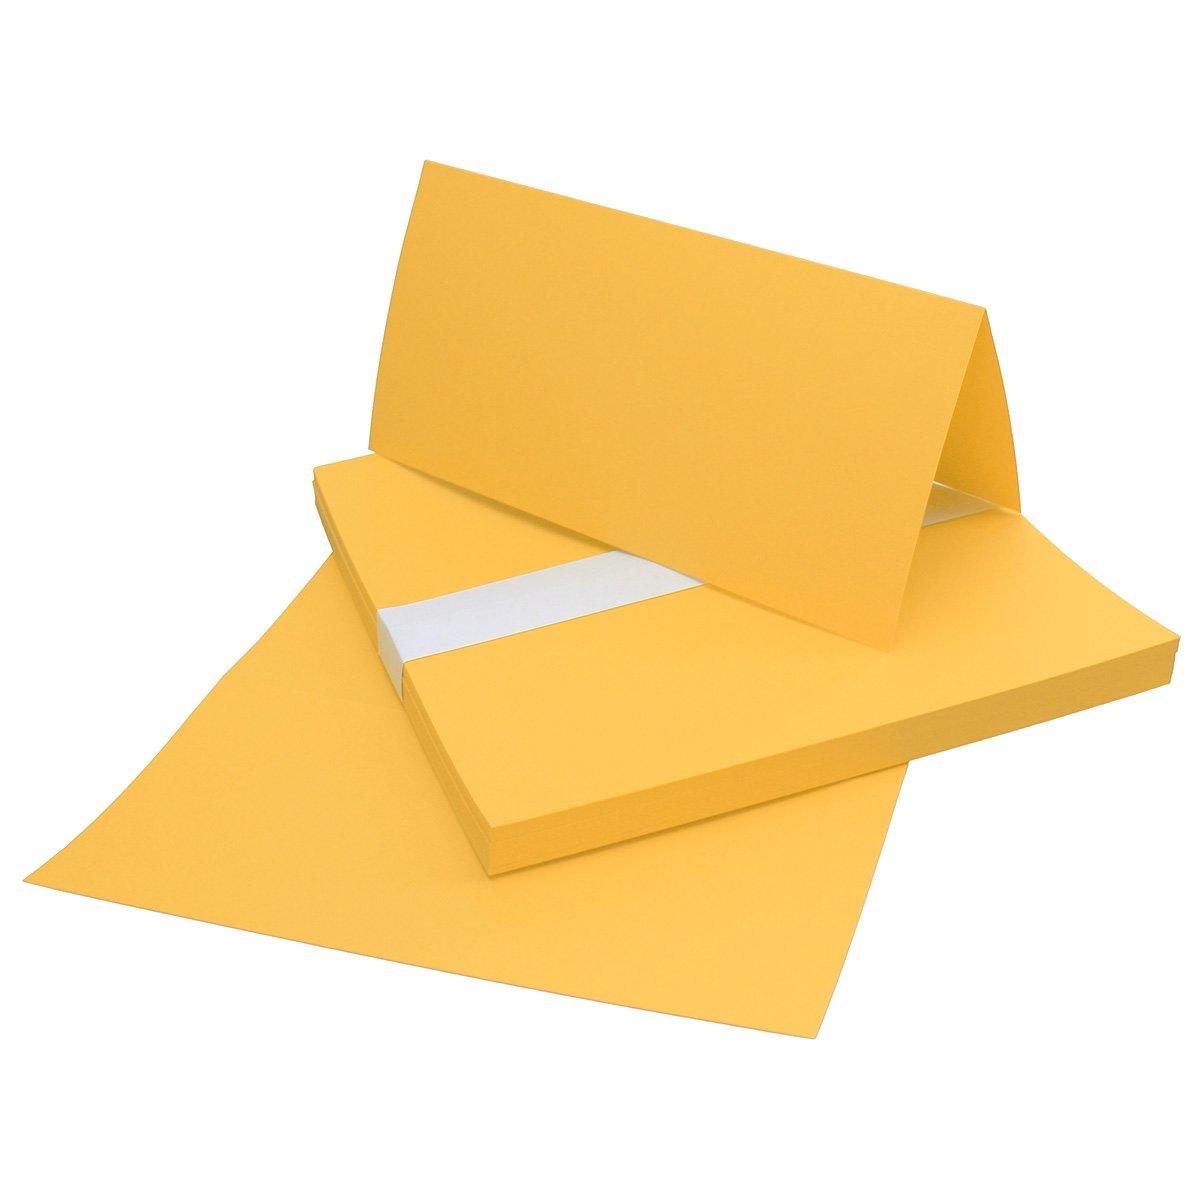 700 Faltkarten Din Lang - Hellgrau - Premium Qualität - 10,5 x 21 cm - Sehr formstabil - für Drucker Geeignet  - Qualitätsmarke  NEUSER FarbenFroh B07FKSBS6W | Angemessene Lieferung und pünktliche Lieferung